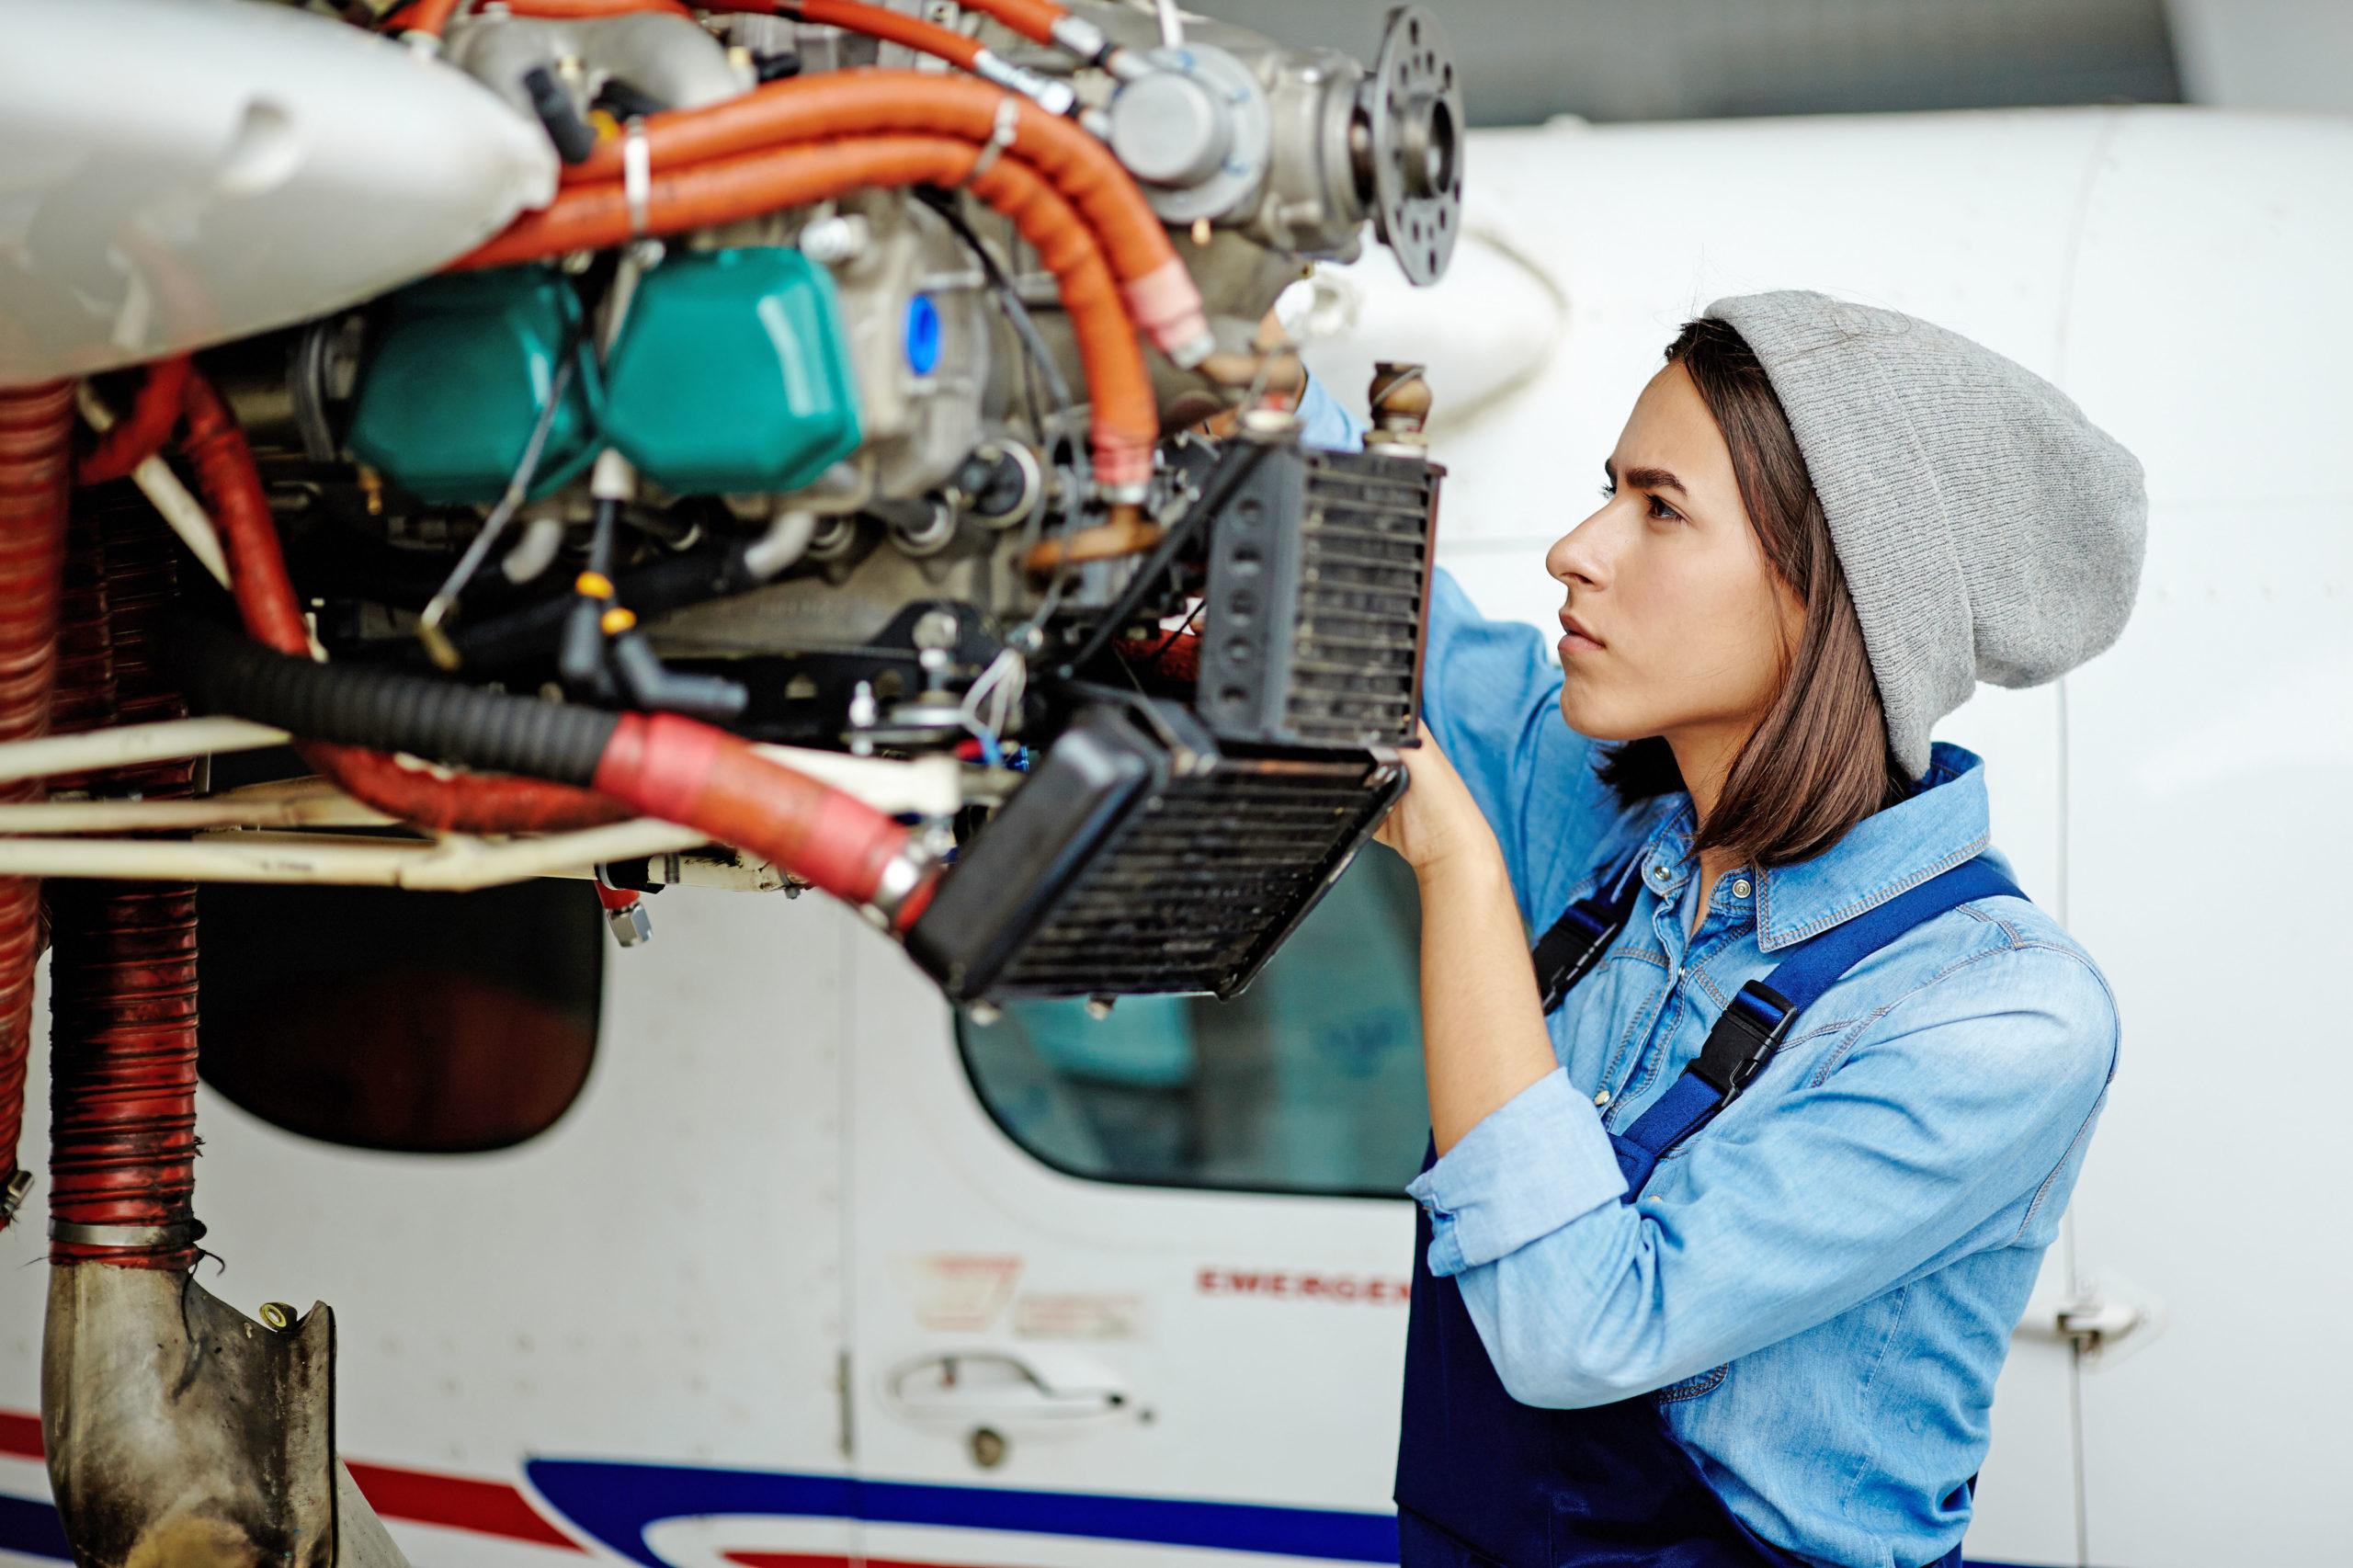 Berufsunfähigkeitsversicherung für Frauen besonders wichtig